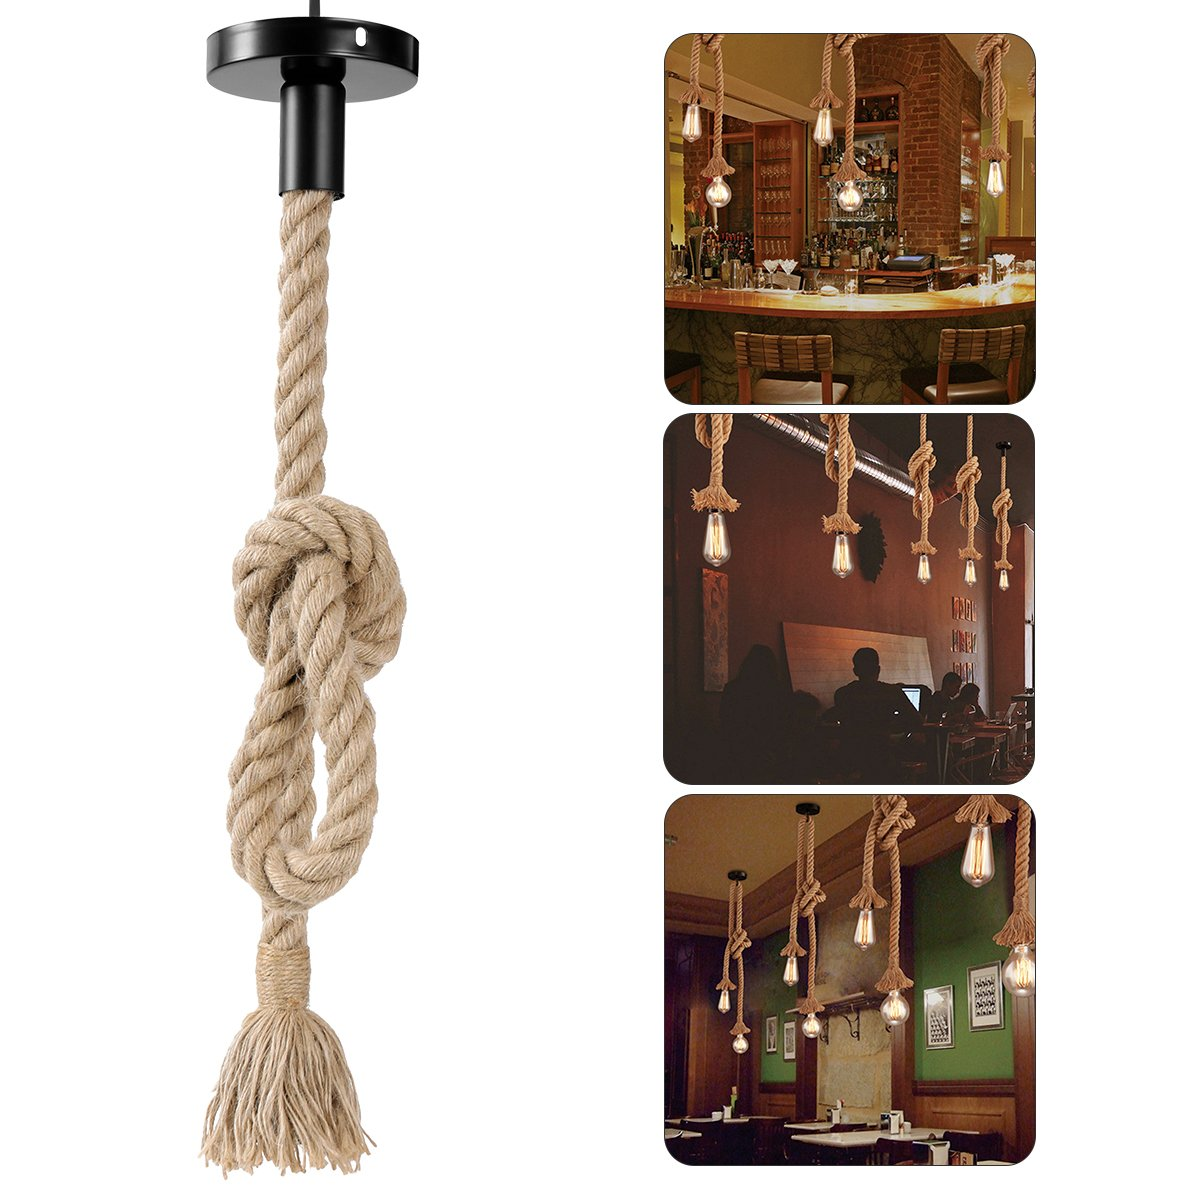 LEDMOMO 1M Vintage Cuerda de cáñamo gruesa sola cabeza colgante de cáñamo lámpara de cuerda luces